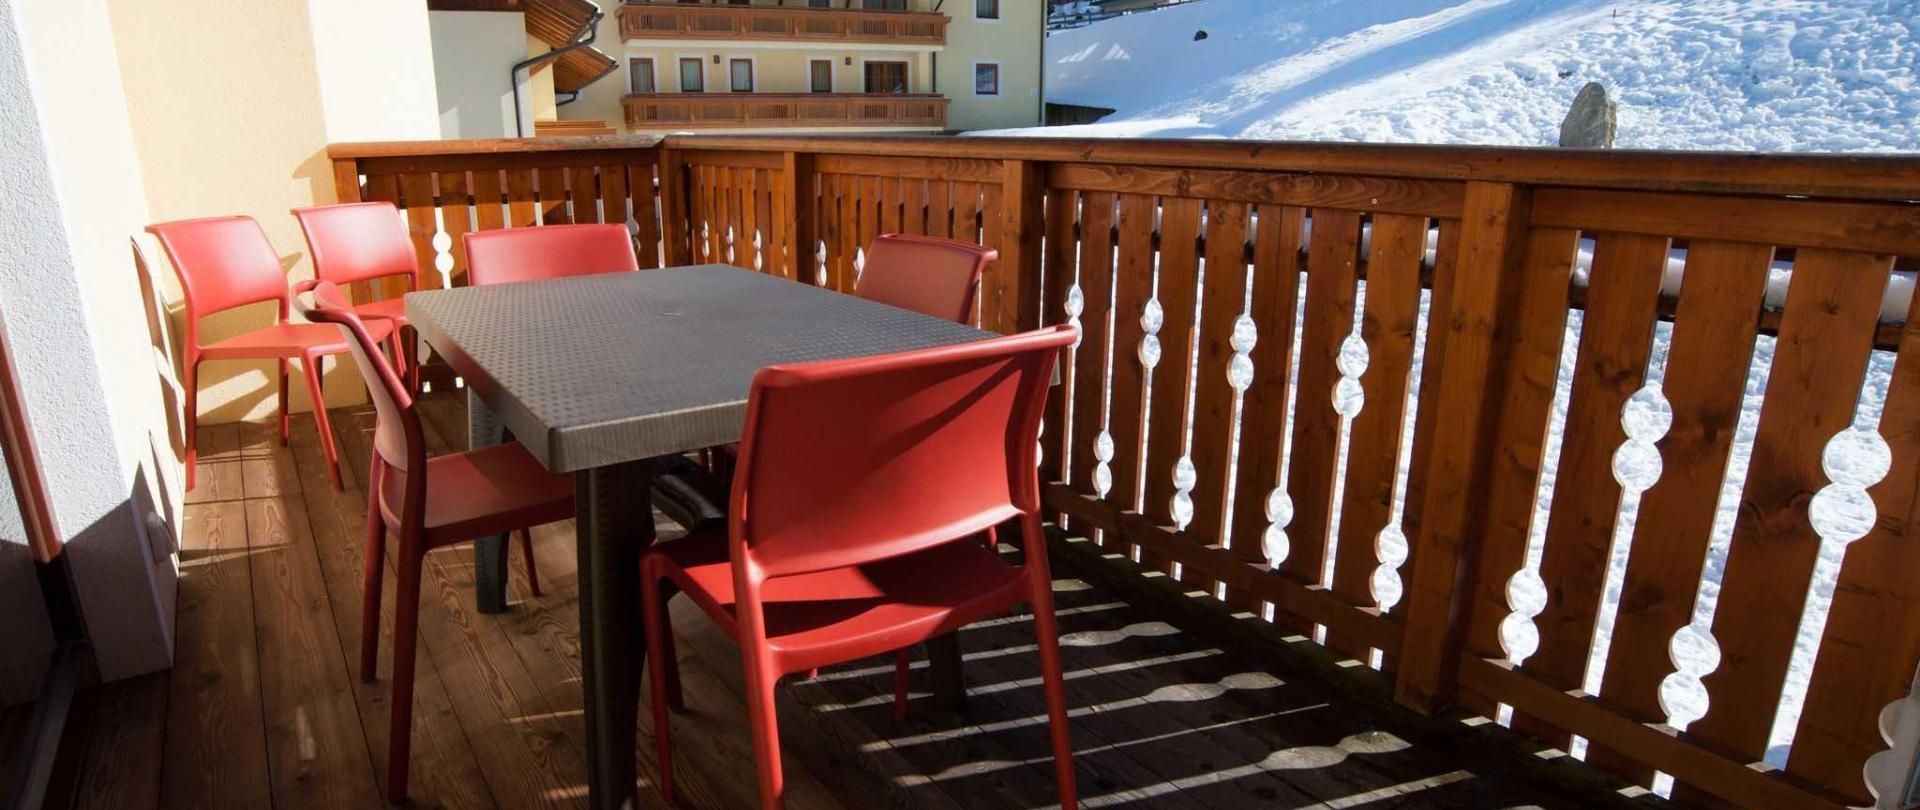 terrassenm-bel-balkon-winter-1.jpg